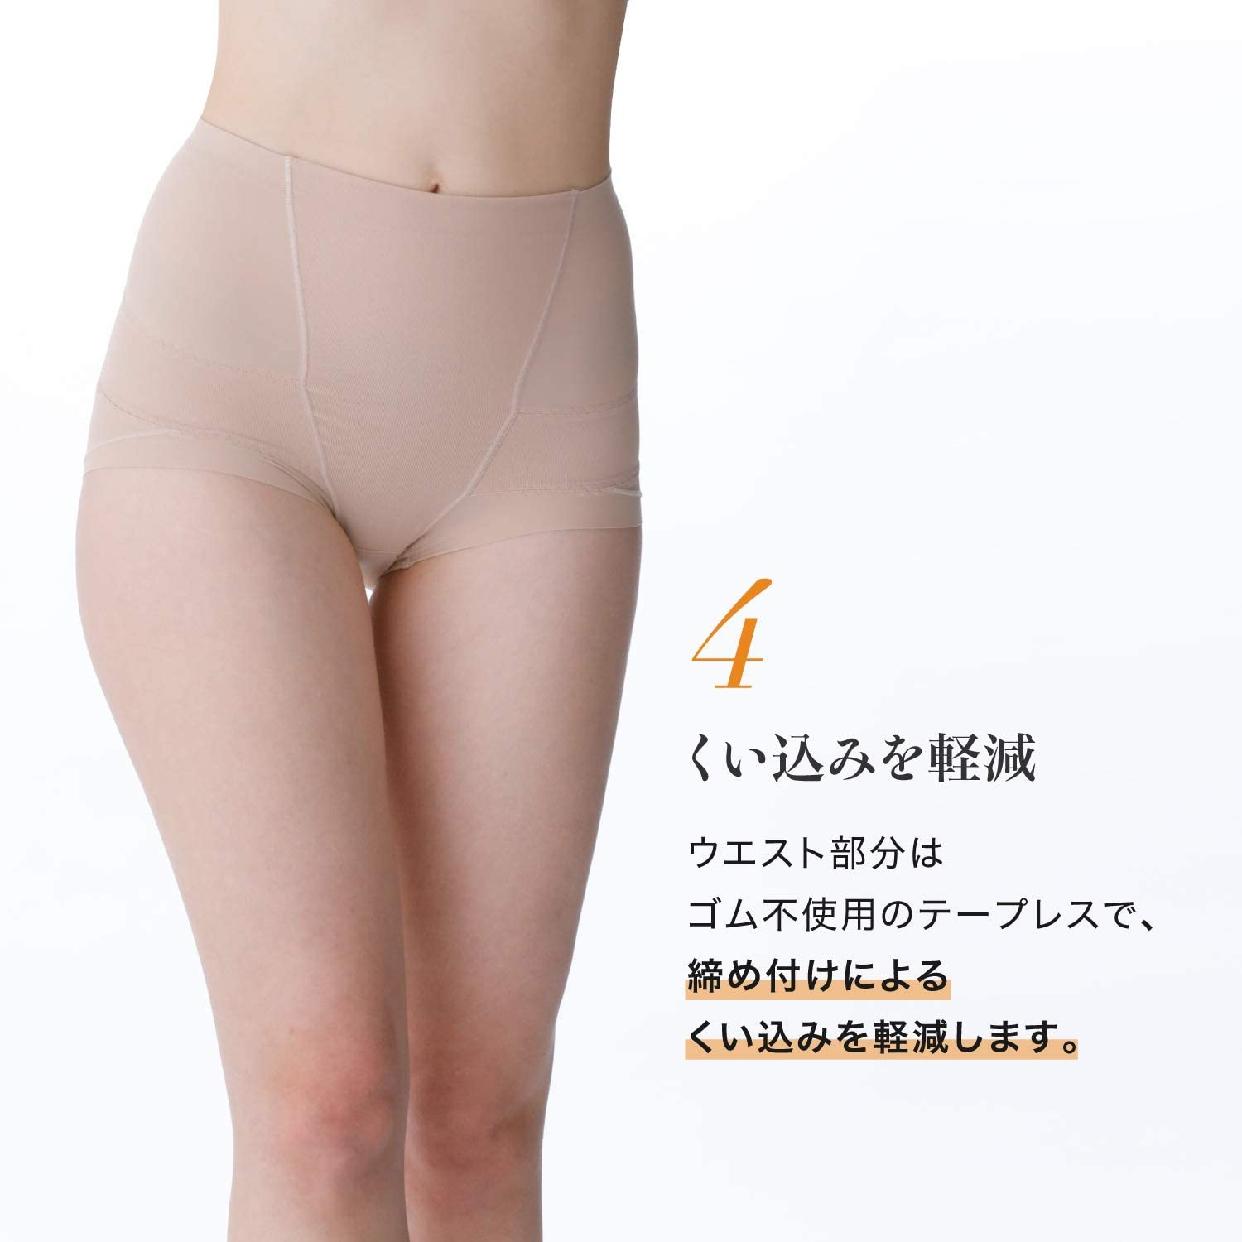 LECIEN(ルシアン)骨盤パンツ (ショート丈)の商品画像7